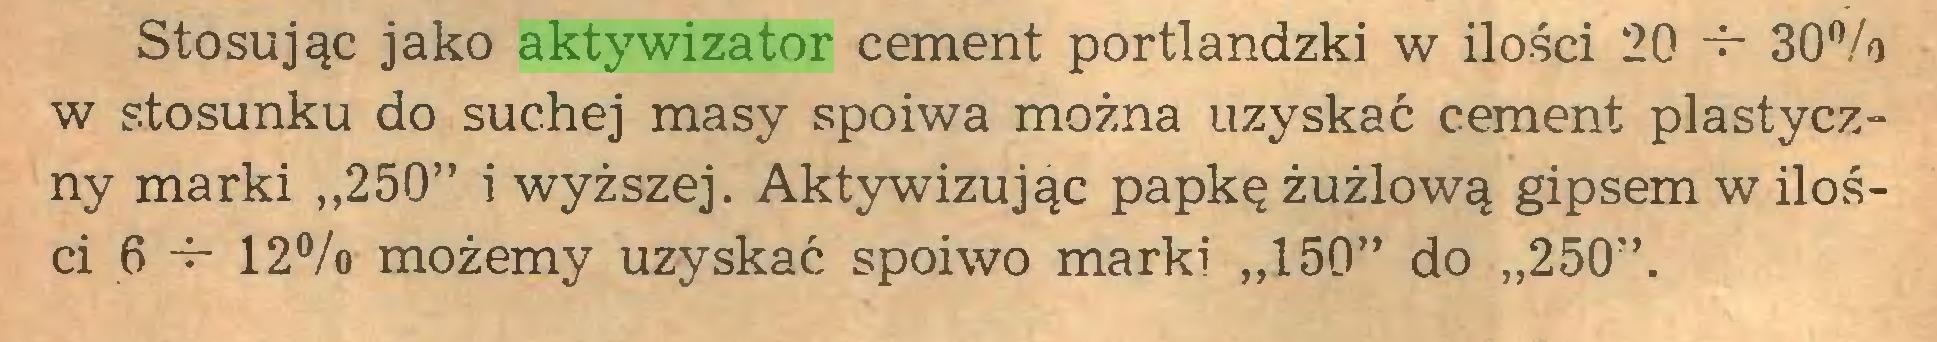 """(...) Stosując jako aktywizator cement portlandzki w ilości 20 -f- 30% w stosunku do suchej masy spoiwa można uzyskać cement plastyczny marki """"250"""" i wyższej. Aktywizując papkę żużlową gipsem w ilości 6 -r- 12% możemy uzyskać spoiwo marki """"150"""" do """"250""""..."""